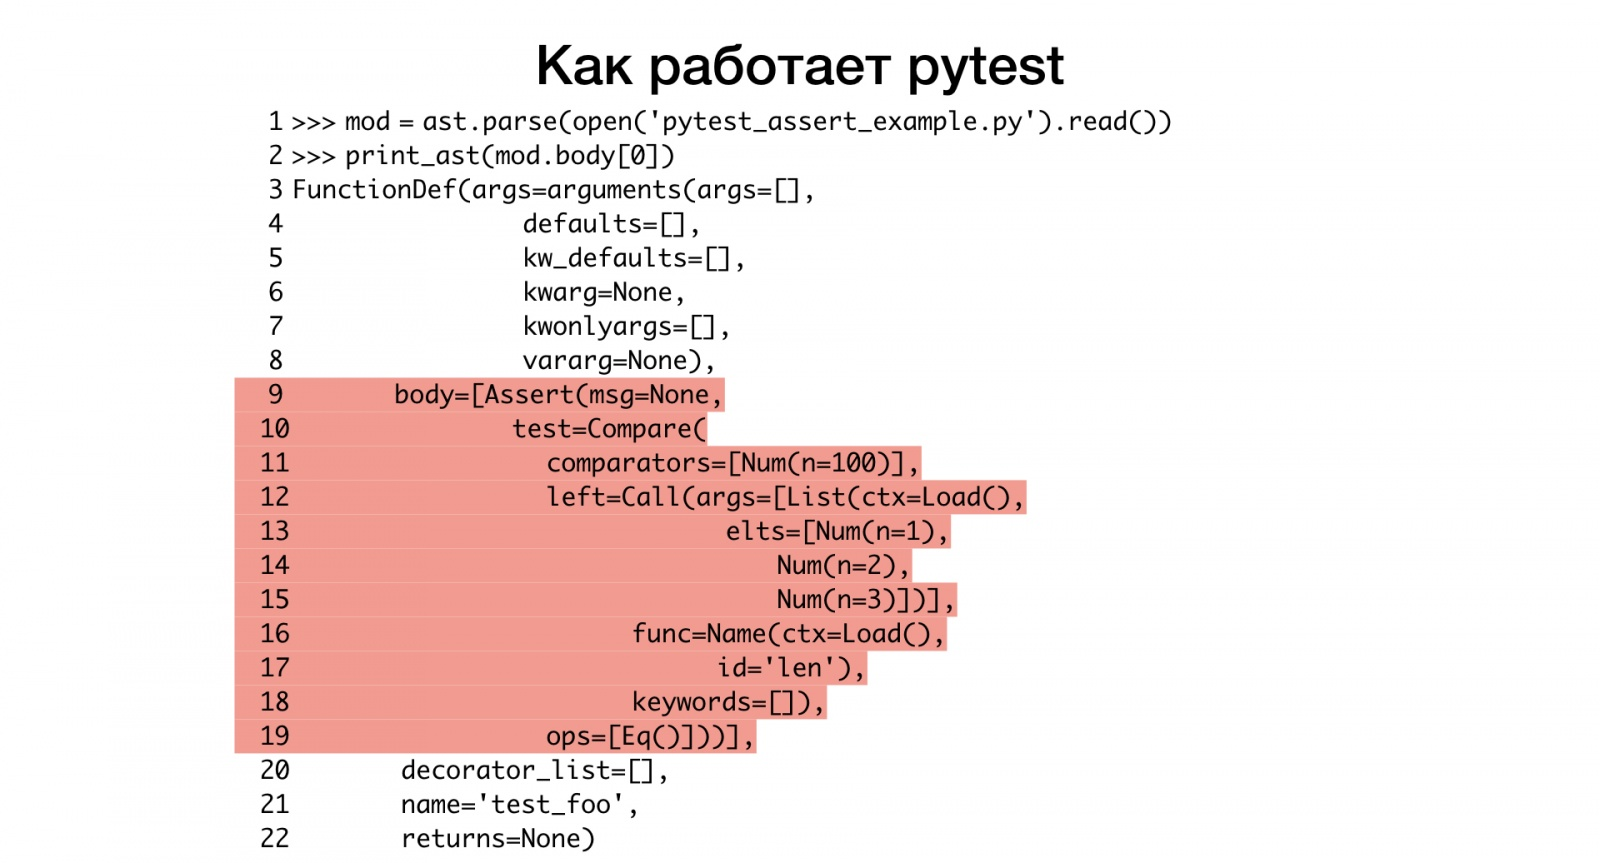 Макросы для питониста. Доклад Яндекса - 5